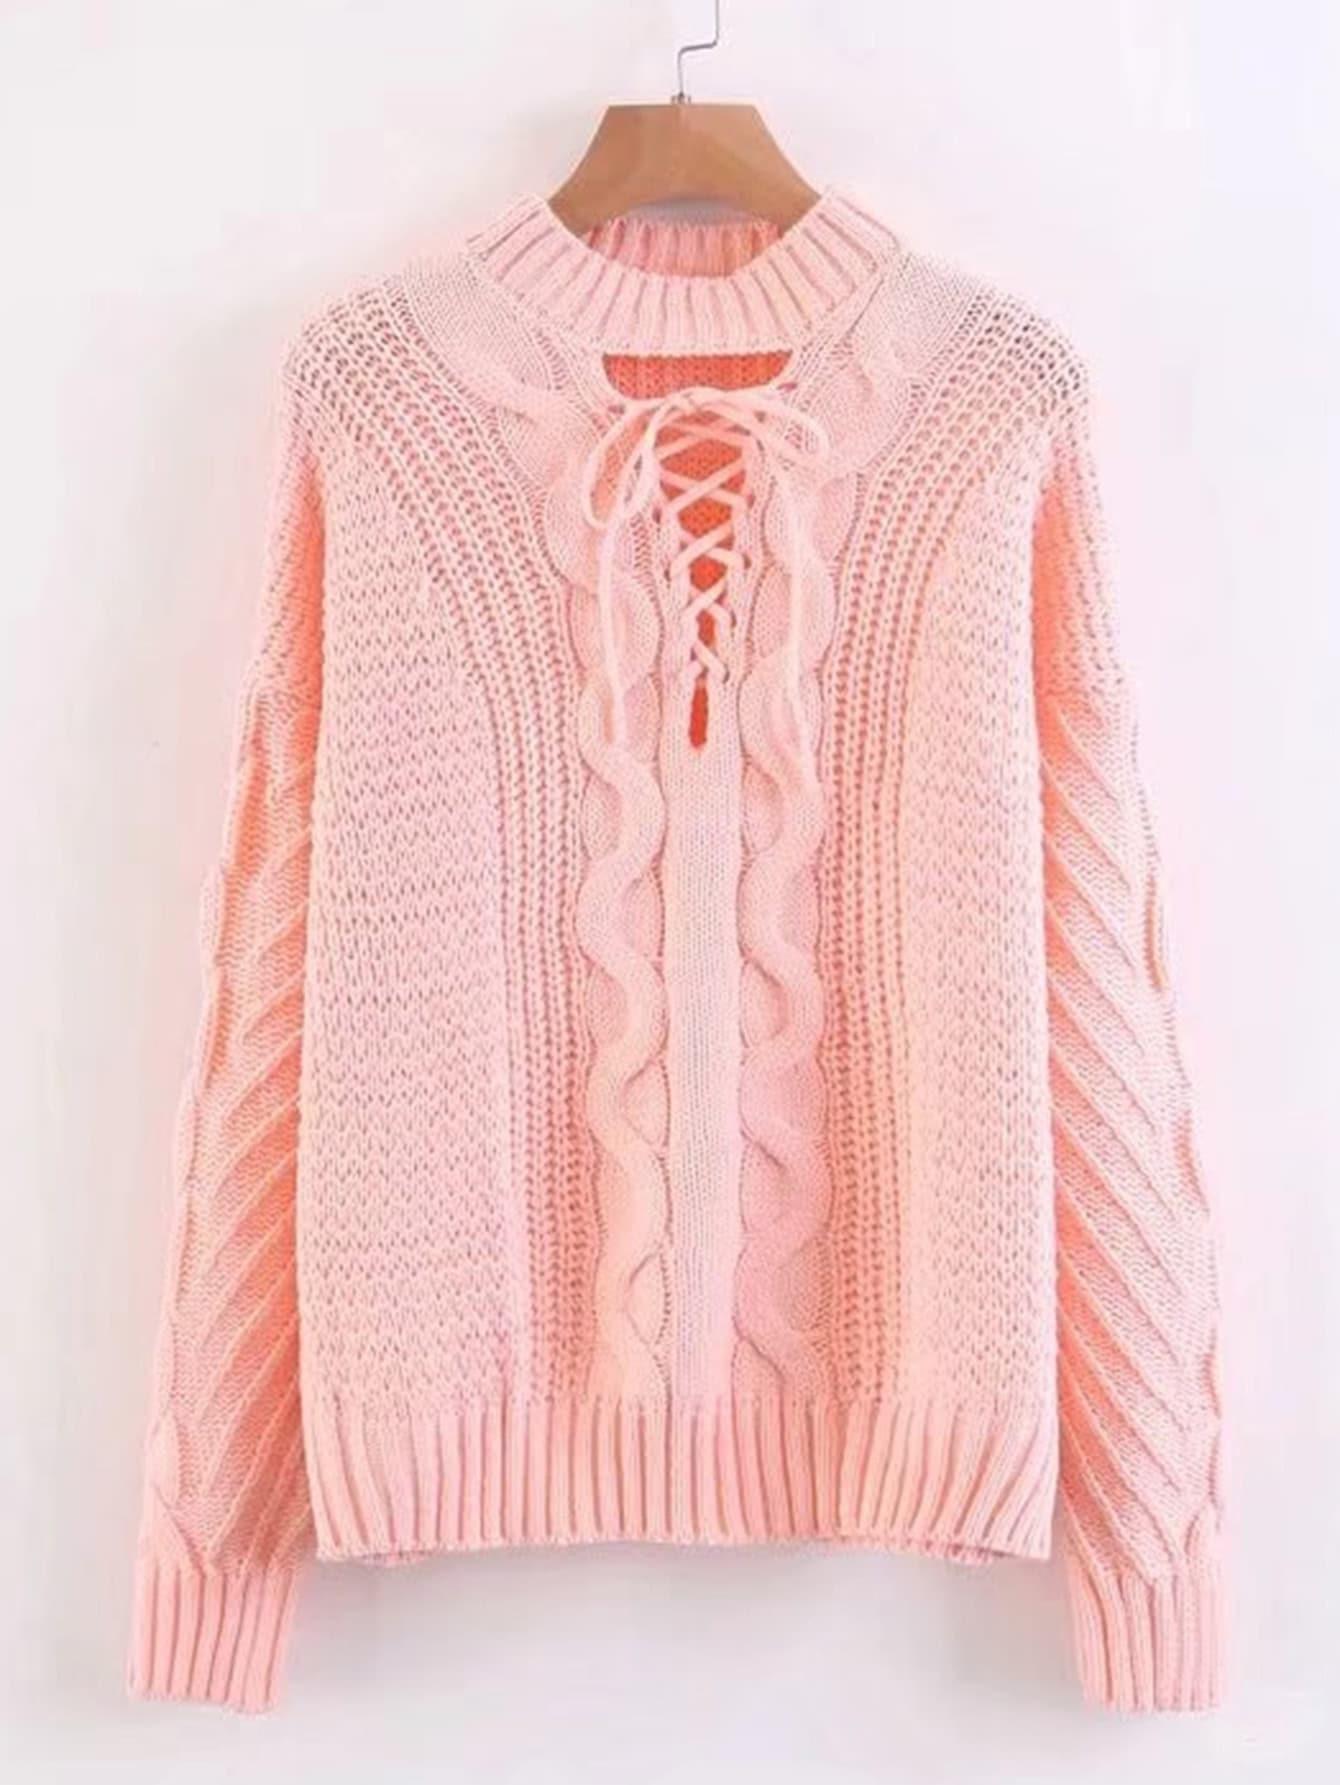 Lace Up V Neckline Jumper Sweater